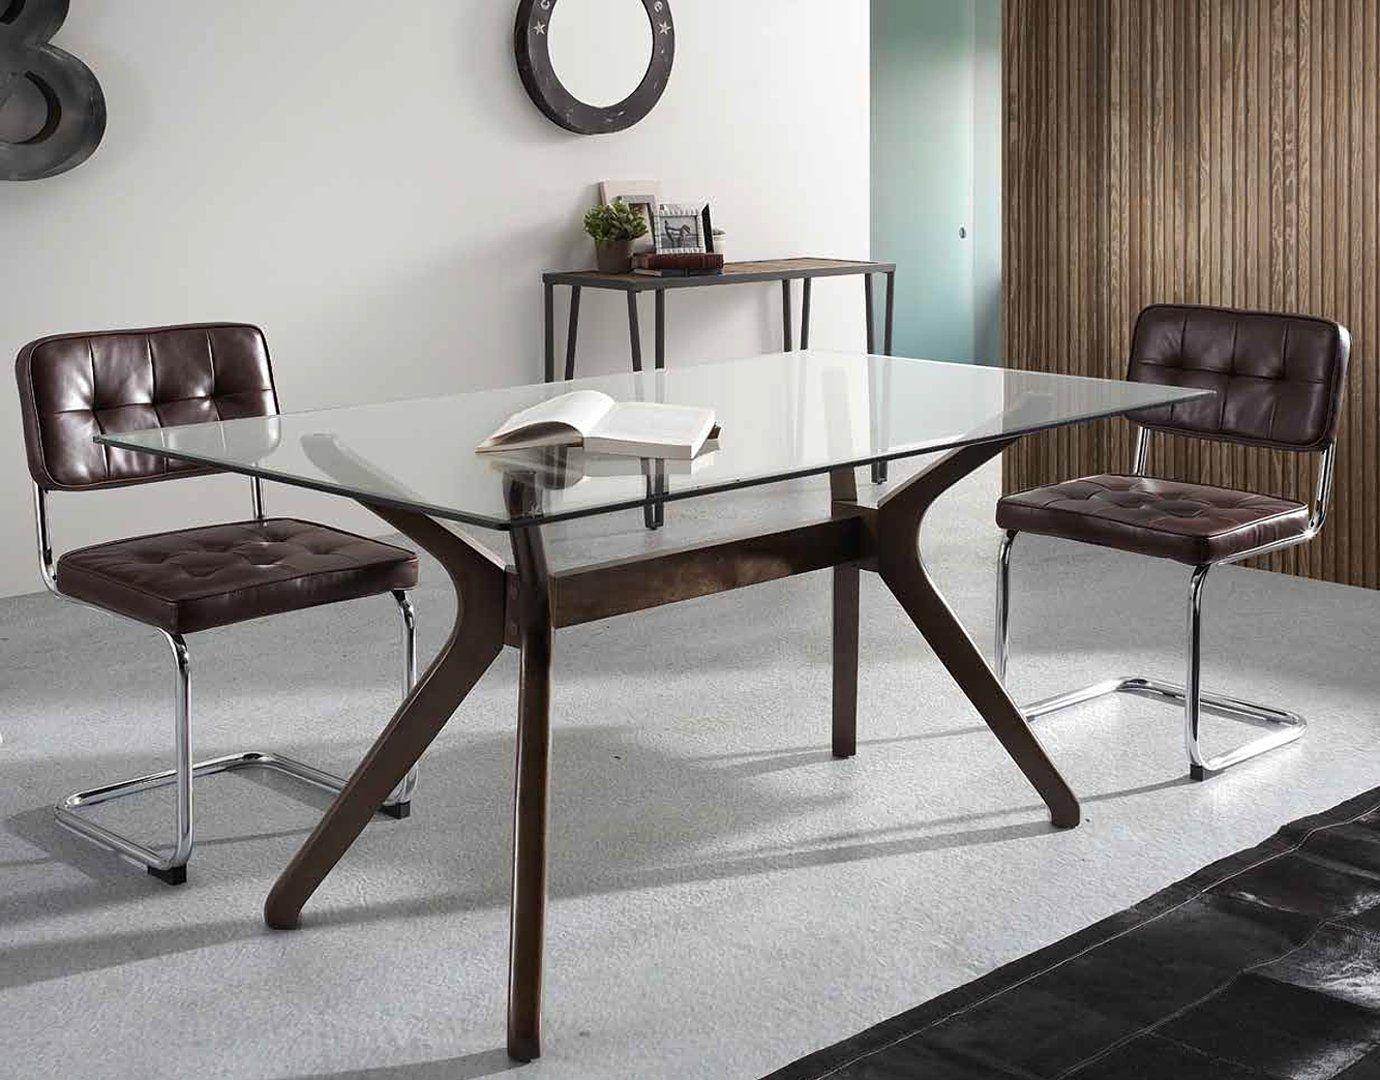 Mesa de comedor cristal olaf vintage muebles decorar - Mesa de comedor ...